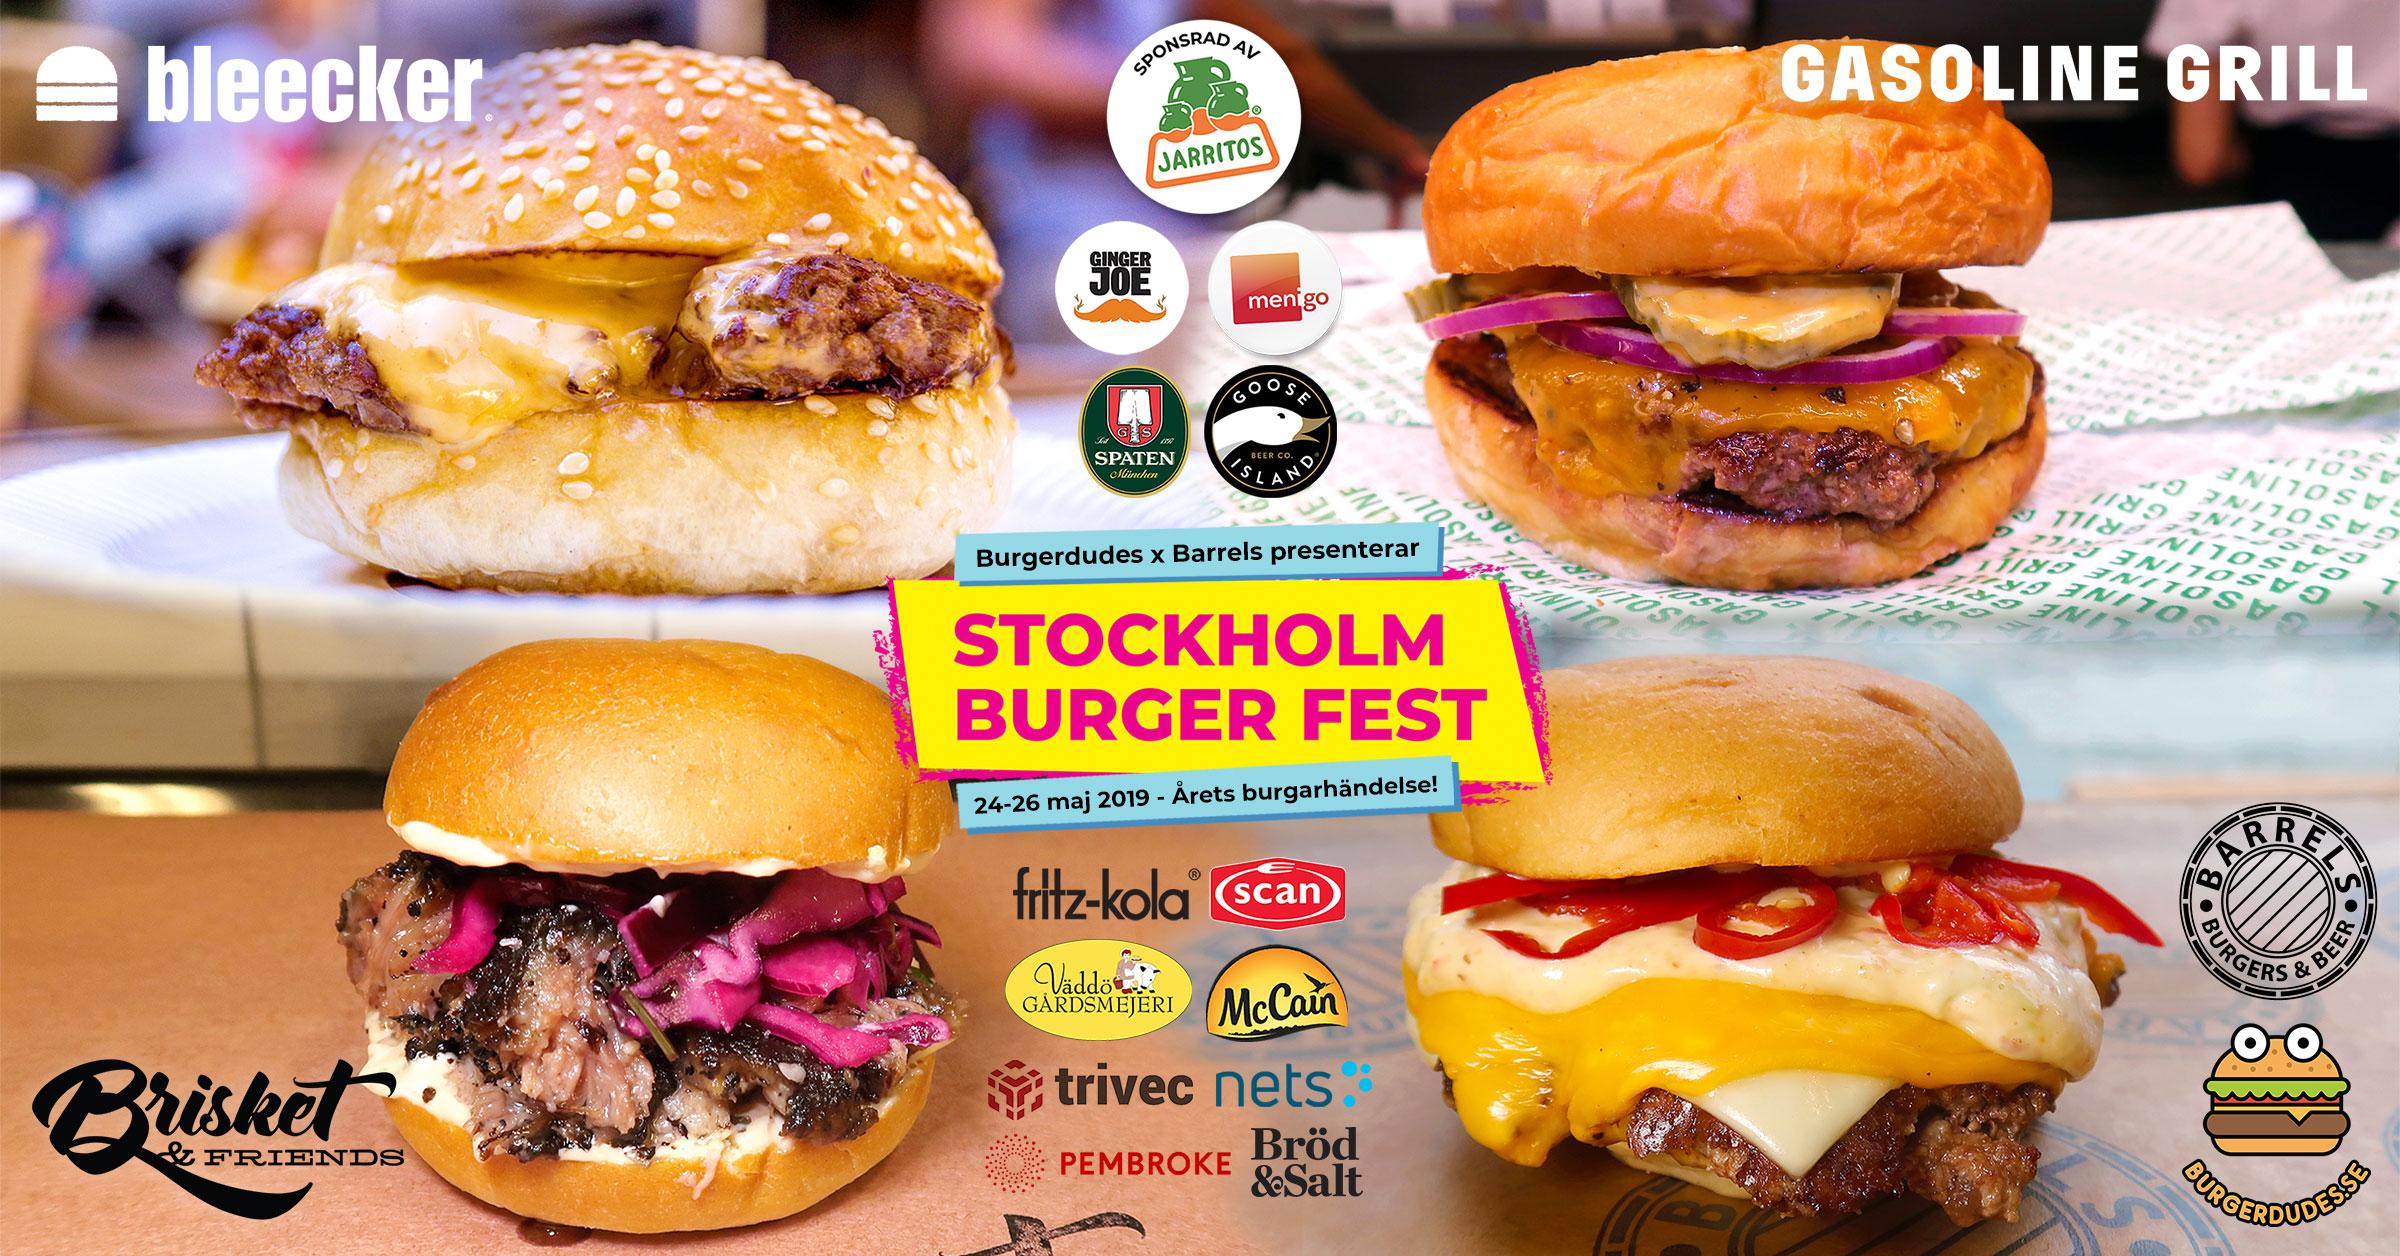 Pressmeddelande: Stockholm Burger Fest 2019